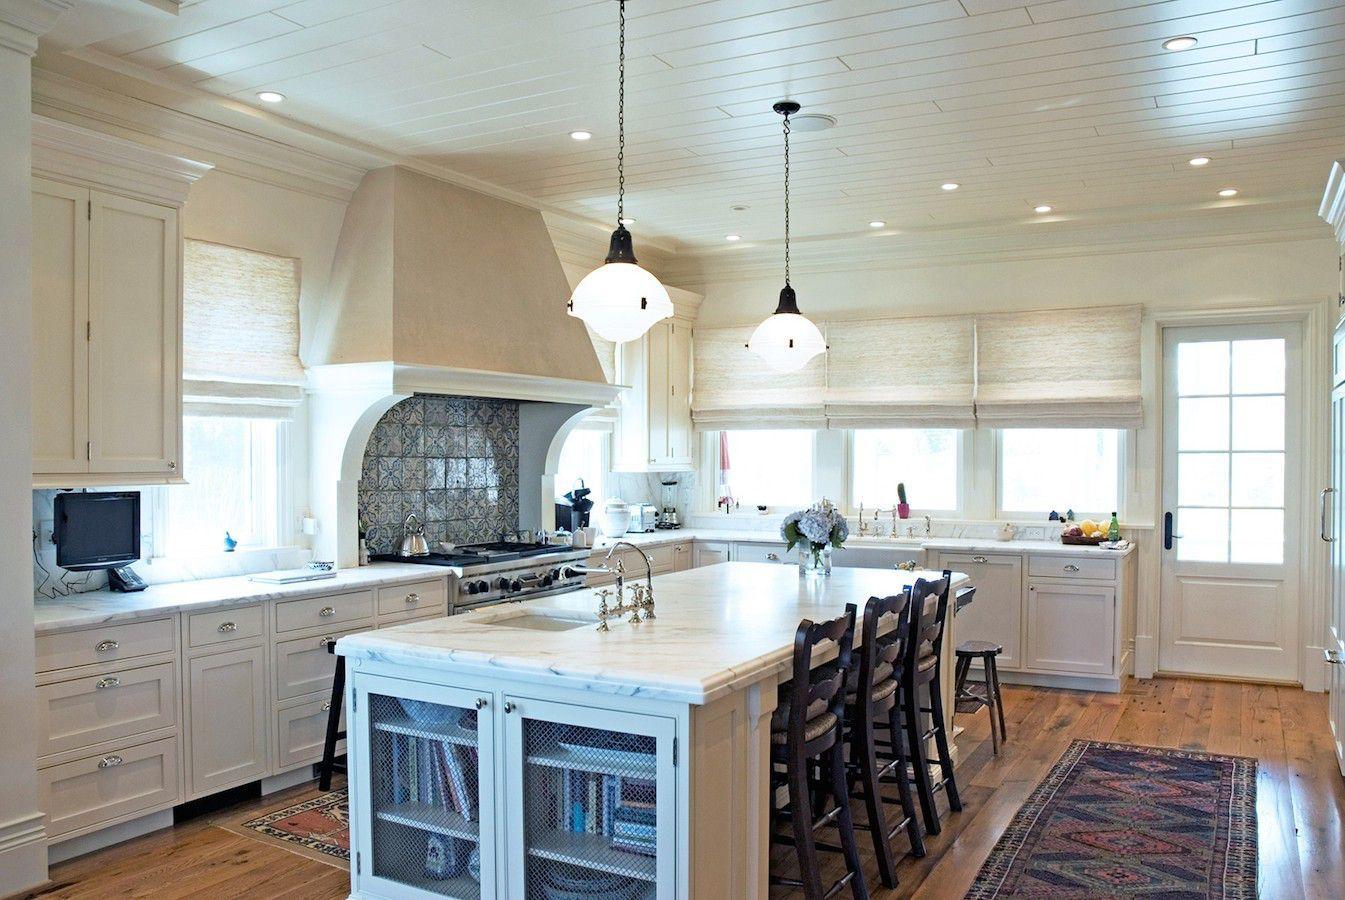 chesapeake kitchen design. 05 Chesapeake-Bay-Mansion-Kitchen-Natural-Light Chesapeake Kitchen Design E